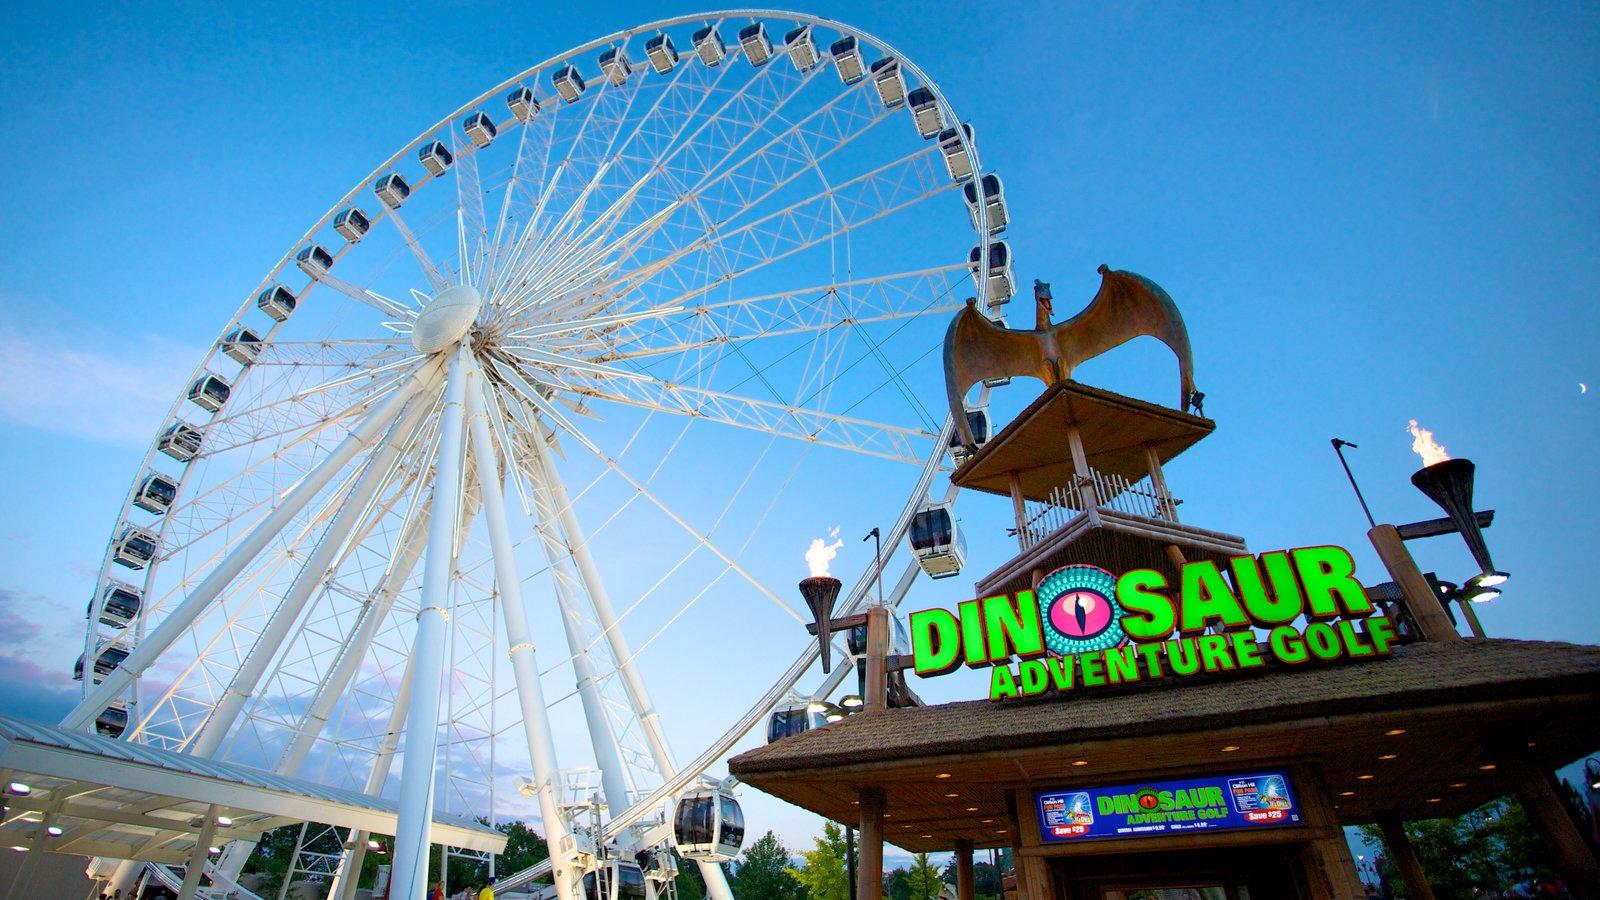 Niagara SkyWheel mostrando sinalização e passeios